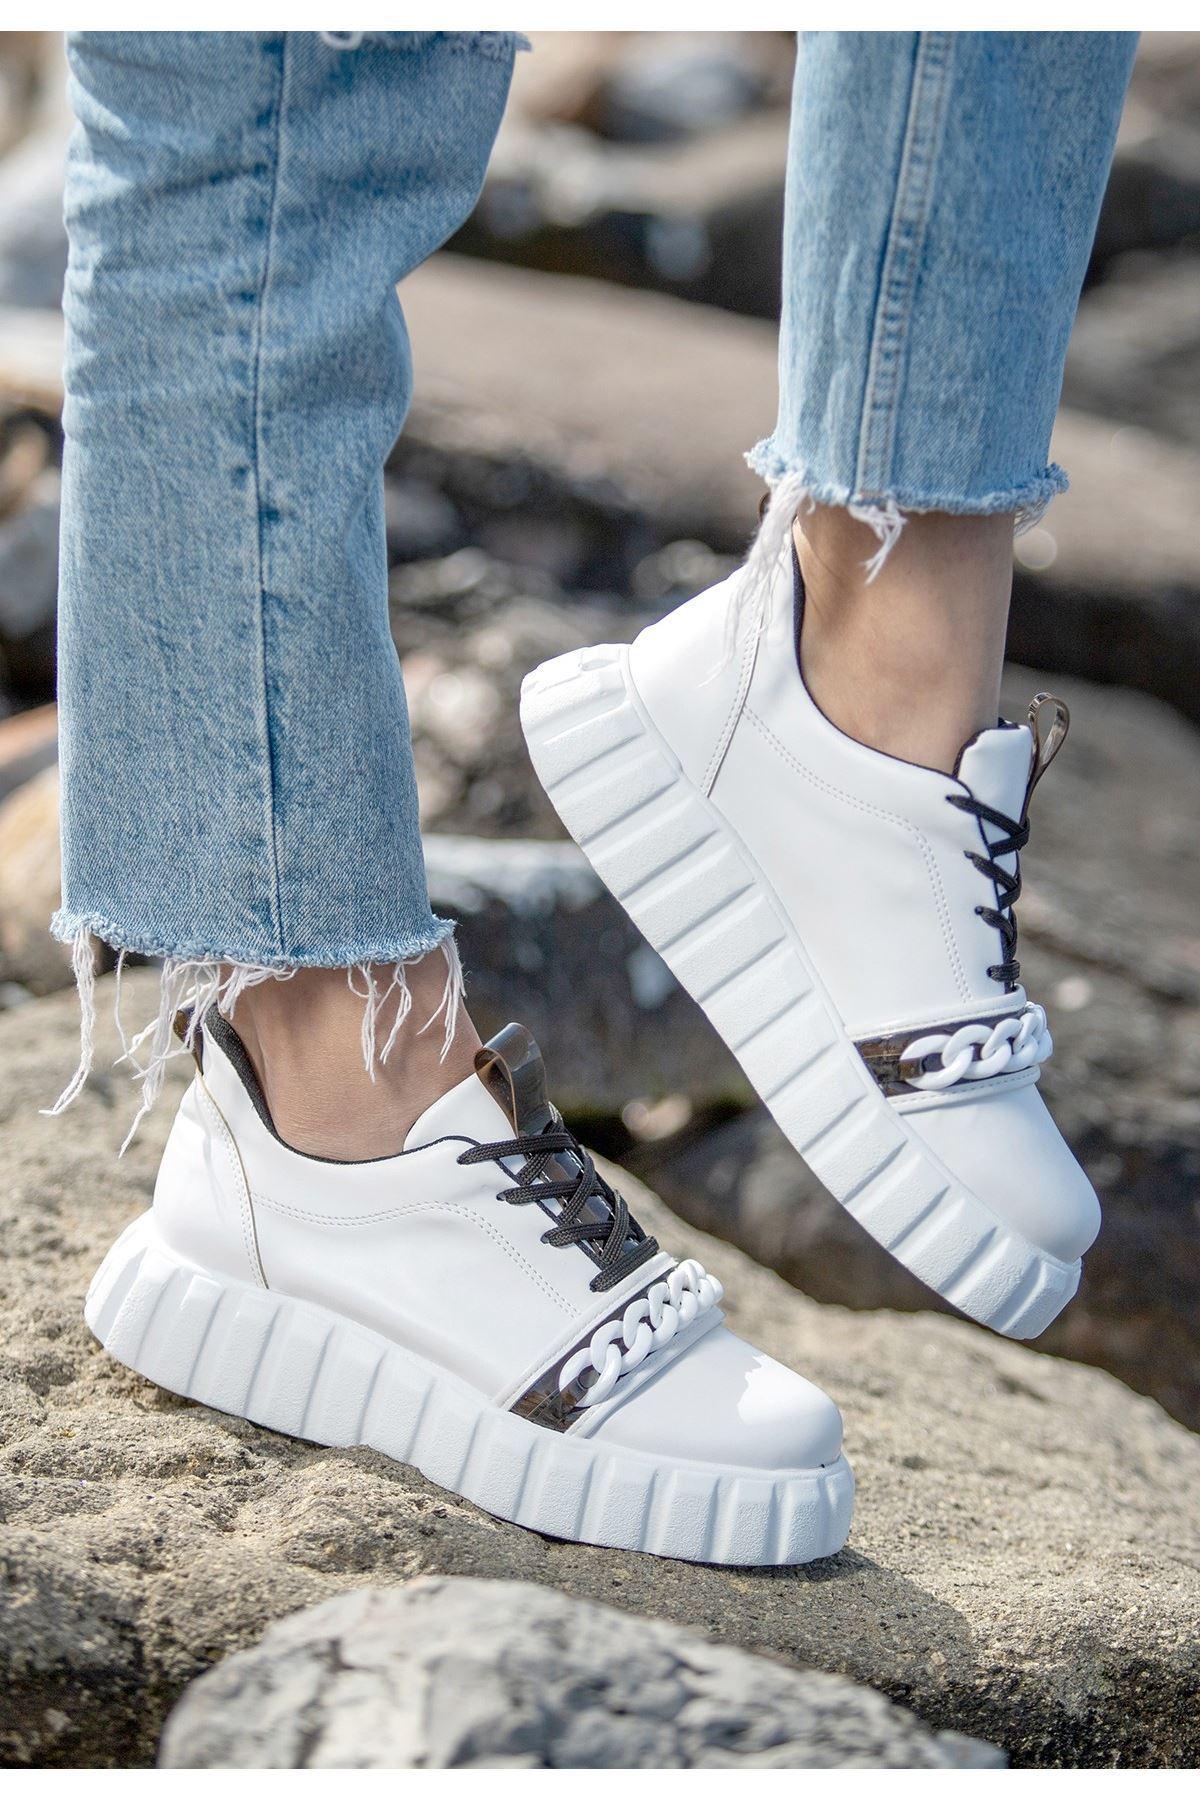 Mya Beyaz Cilt Siyah Detaylı Bağcıklı Spor Ayakkabı